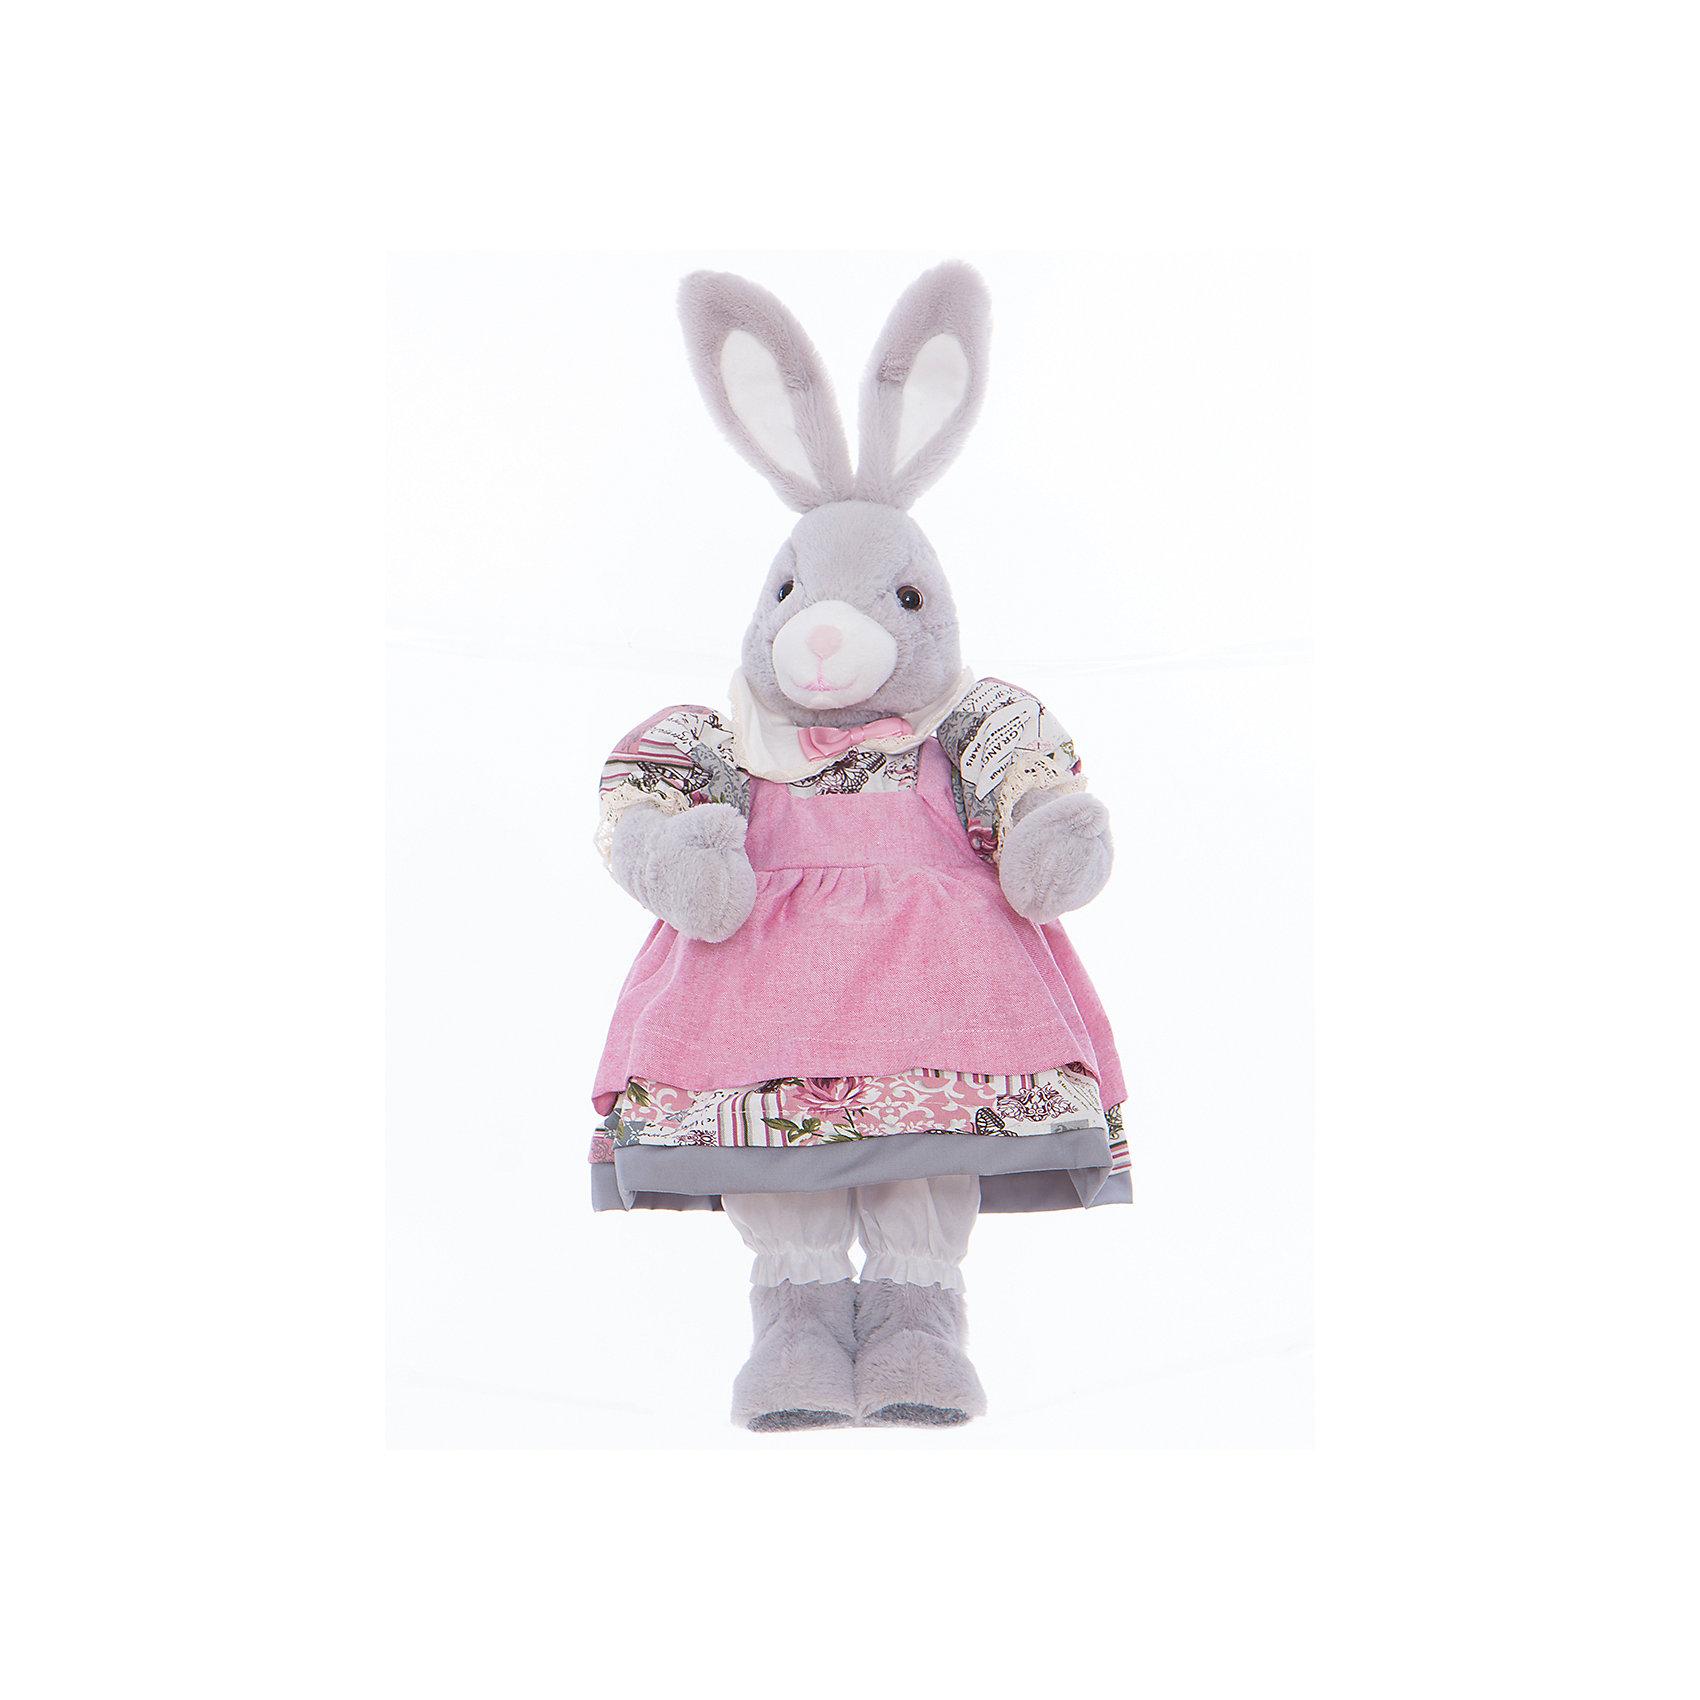 Интерьерная кукла Зайчик C21-228217, EstroХарактеристики интерьерной куклы:<br><br>- размеры (высота): 55 см <br>- тип игрушки: животные, мягкая игрушка<br>- персонаж: заяц<br>- вид упаковки: коробка<br>- возрастные ограничения: 3+<br>- состав: дерево, полиэстер, текстиль, полиэфир<br>- стиль: классический, прованс<br>- материал изготовления: высококачественный пластик, полиэстер, ткань<br>- бред: Estro<br>- страна бренда: Италия<br>- страна производитель: Китай<br><br>Великолепная интерьерная кукла Зайка итальянской торговой марки Estro станет великолепным вариантом для любой квартиры. Изделие произведено из качественных материалов красивой расцветки. Стиль изделия проработан, учитывая все нюансы. Все составляющие тщательно выбраны и отлично подходят друг к другу. Интерьерная кукла Зайка будет удачной покупкой или подарком семье. <br><br>Интерьерную куклу заяц итальянской торговой марки Estro можно купить в нашем интернет-магазине.<br><br>Ширина мм: 150<br>Глубина мм: 200<br>Высота мм: 550<br>Вес г: 643<br>Возраст от месяцев: 36<br>Возраст до месяцев: 1188<br>Пол: Женский<br>Возраст: Детский<br>SKU: 5356612